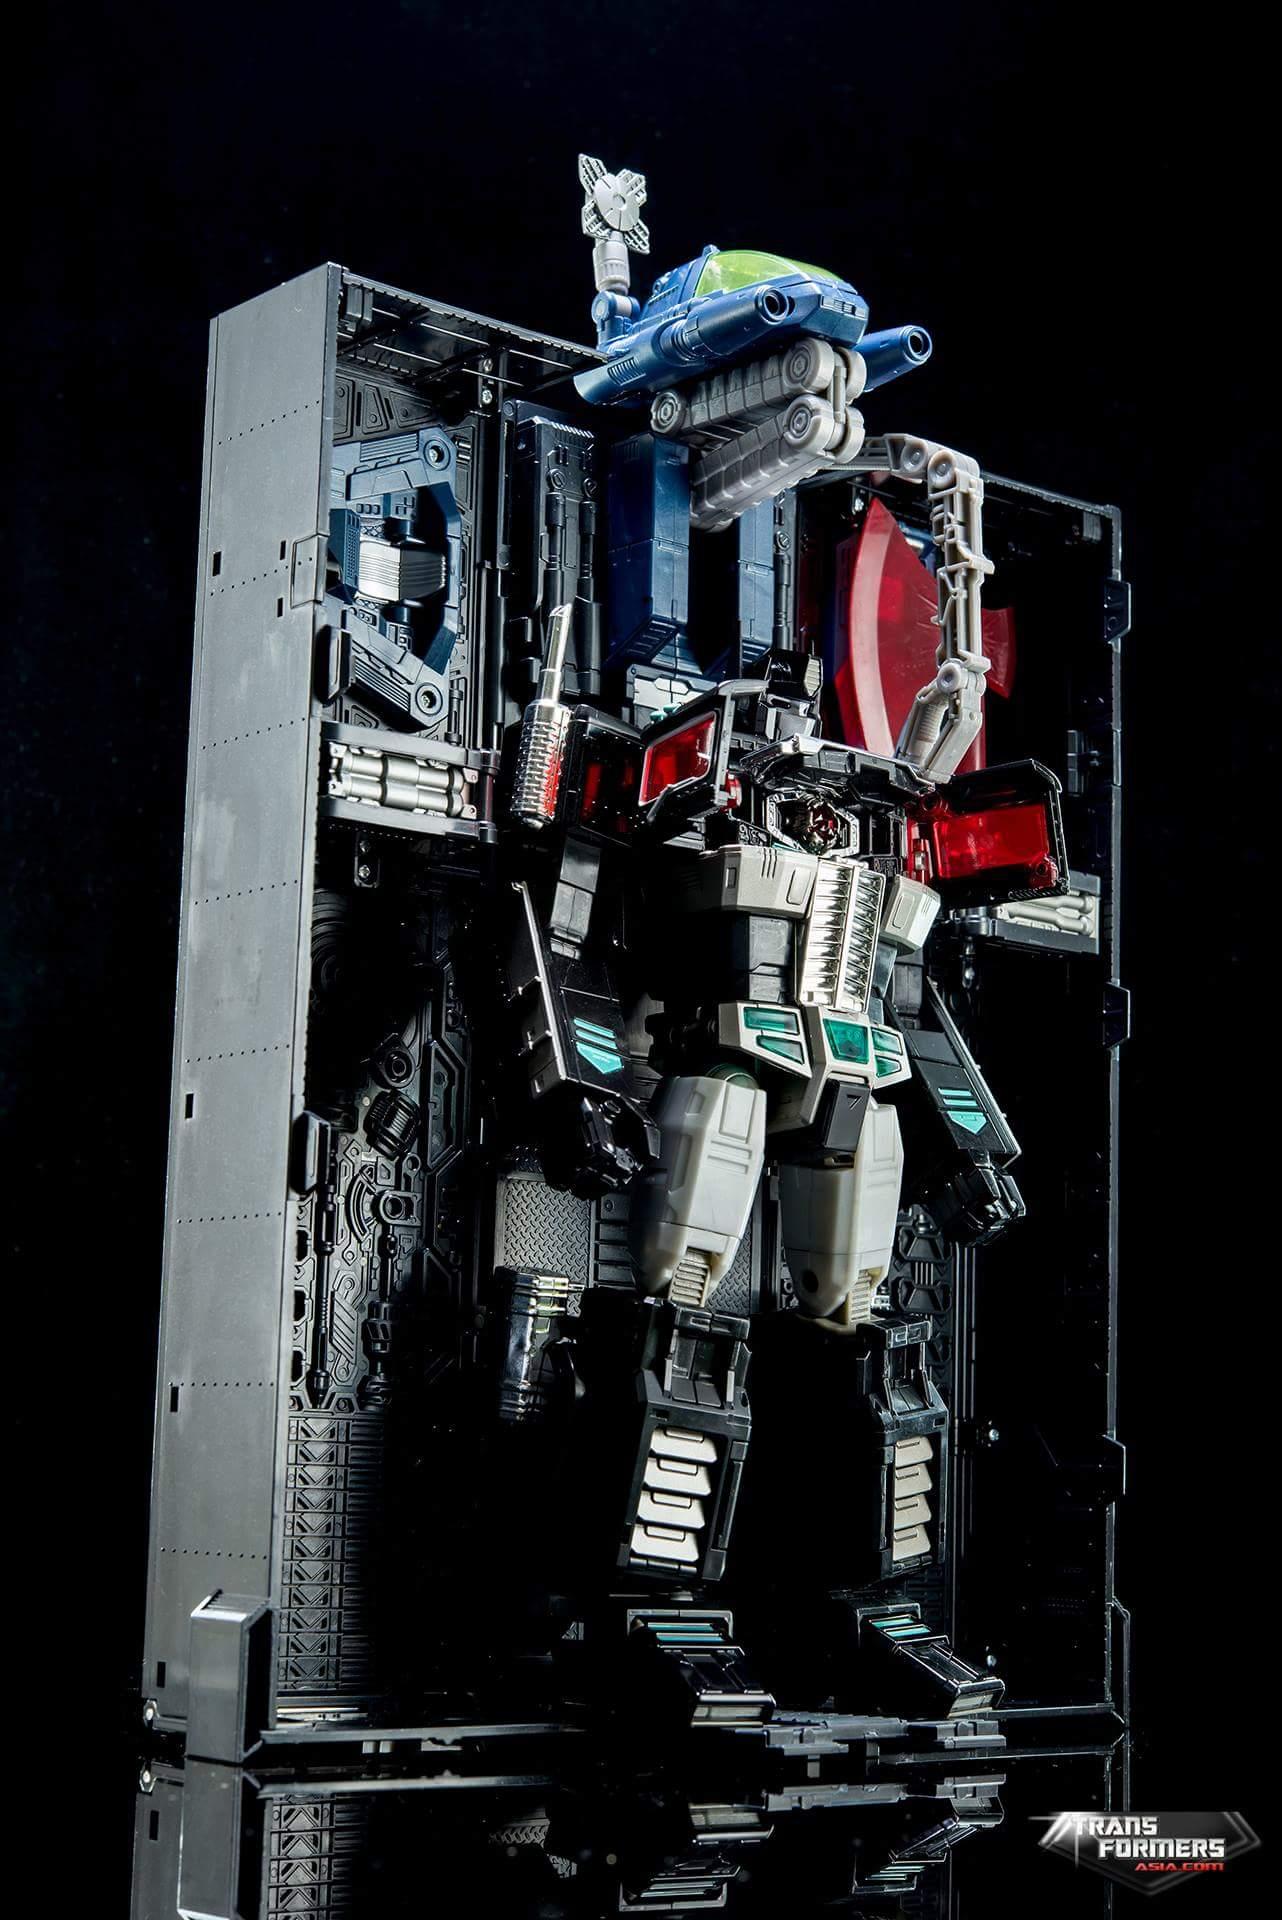 [Masterpiece] MP-10B | MP-10A | MP-10R | MP-10SG | MP-10K | MP-711 | MP-10G | MP-10 ASL ― Convoy (Optimus Prime/Optimus Primus) - Page 4 4QF4y0De